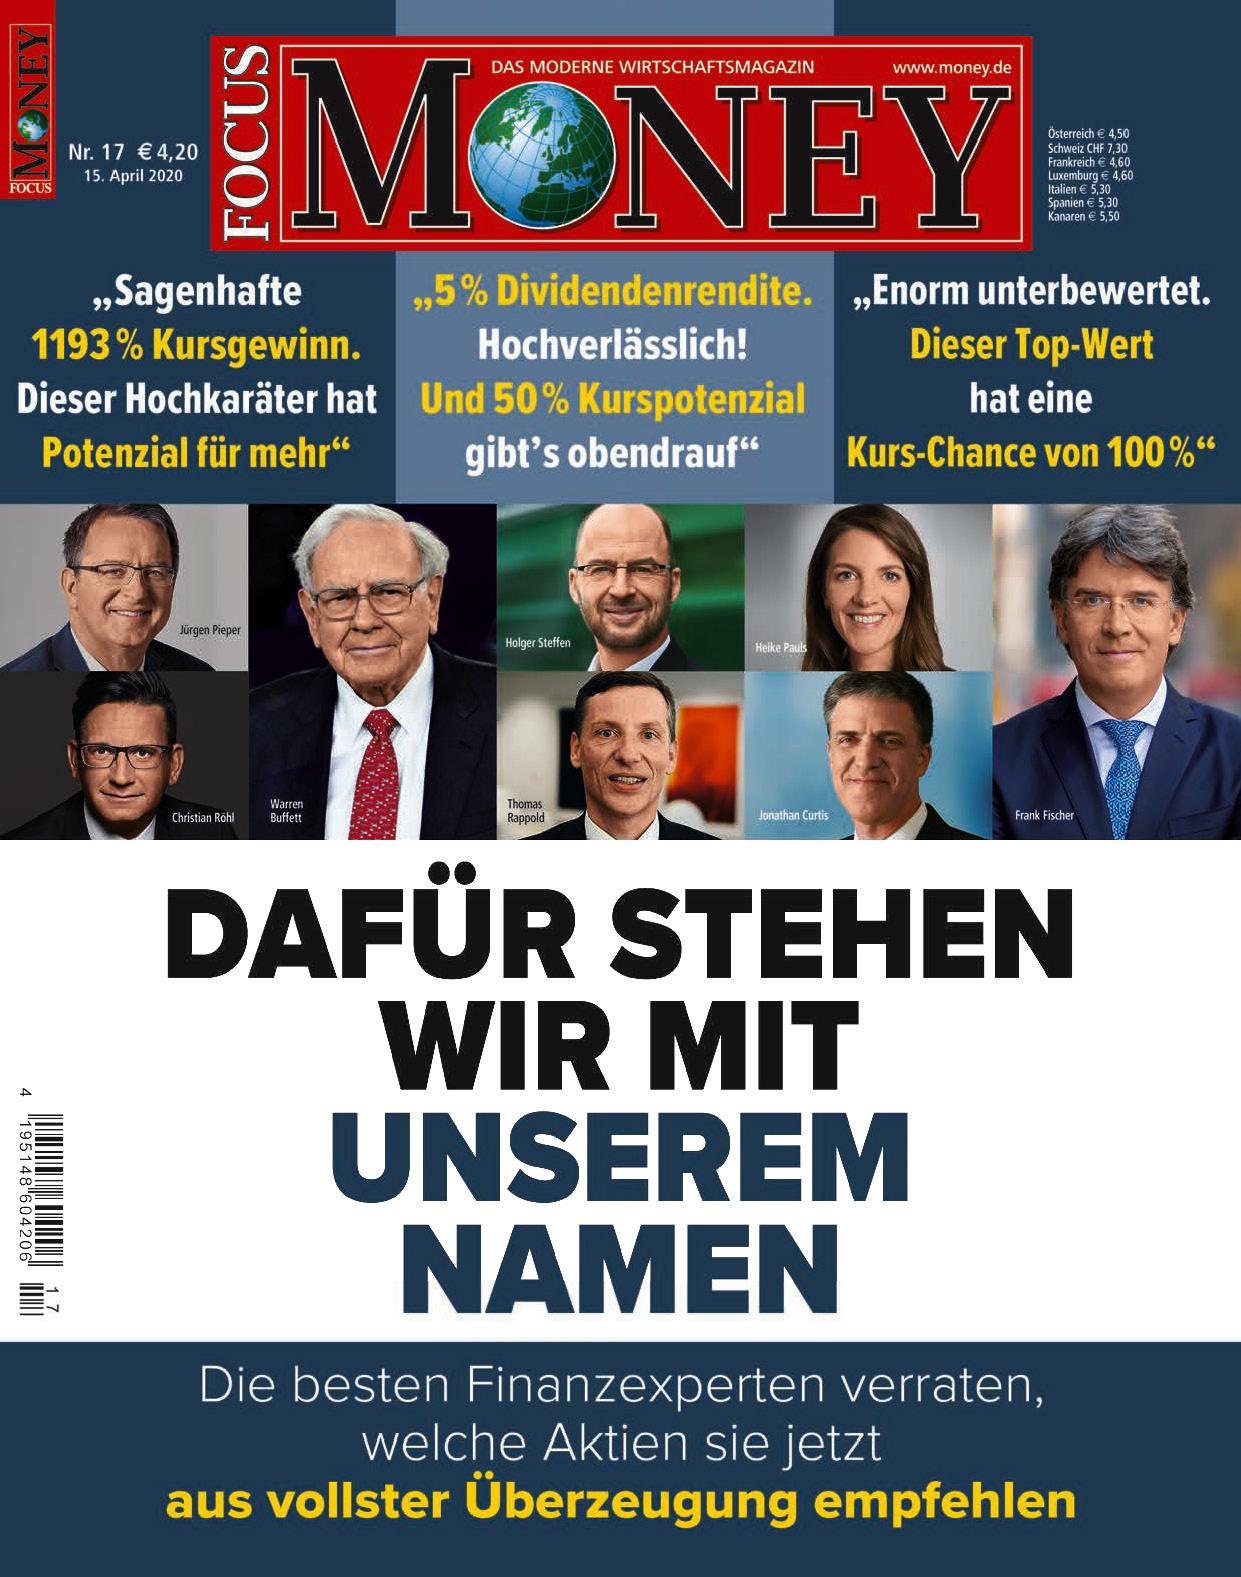 FOCUS-MONEY FOCUS MONEY – Dafür stehen wir mit unserem Namen